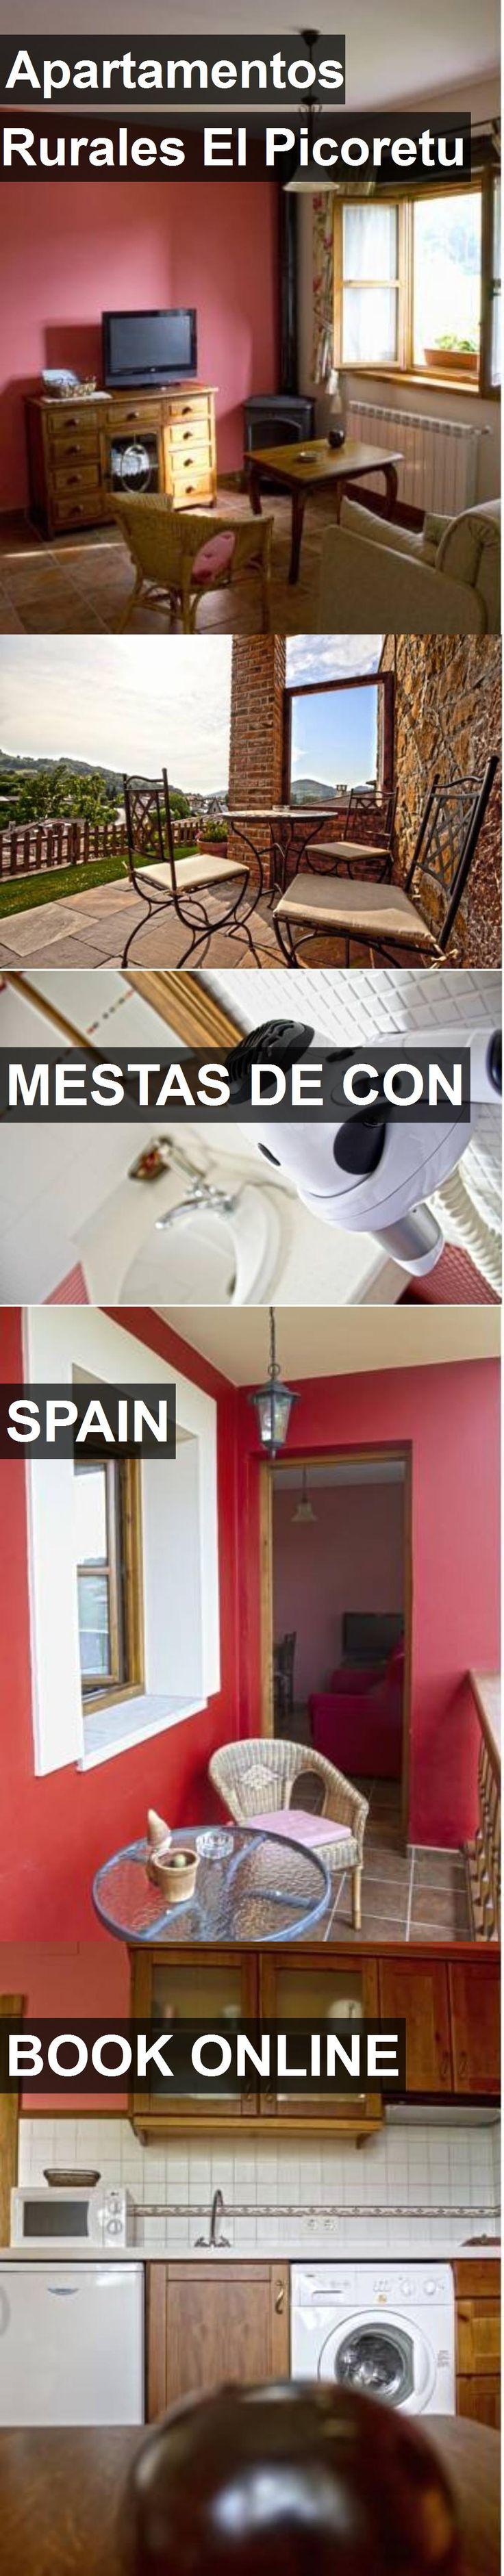 Hotel Apartamentos Rurales El Picoretu in Mestas de Con, Spain. For more information, photos, reviews and best prices please follow the link. #Spain #MestasdeCon #travel #vacation #hotel